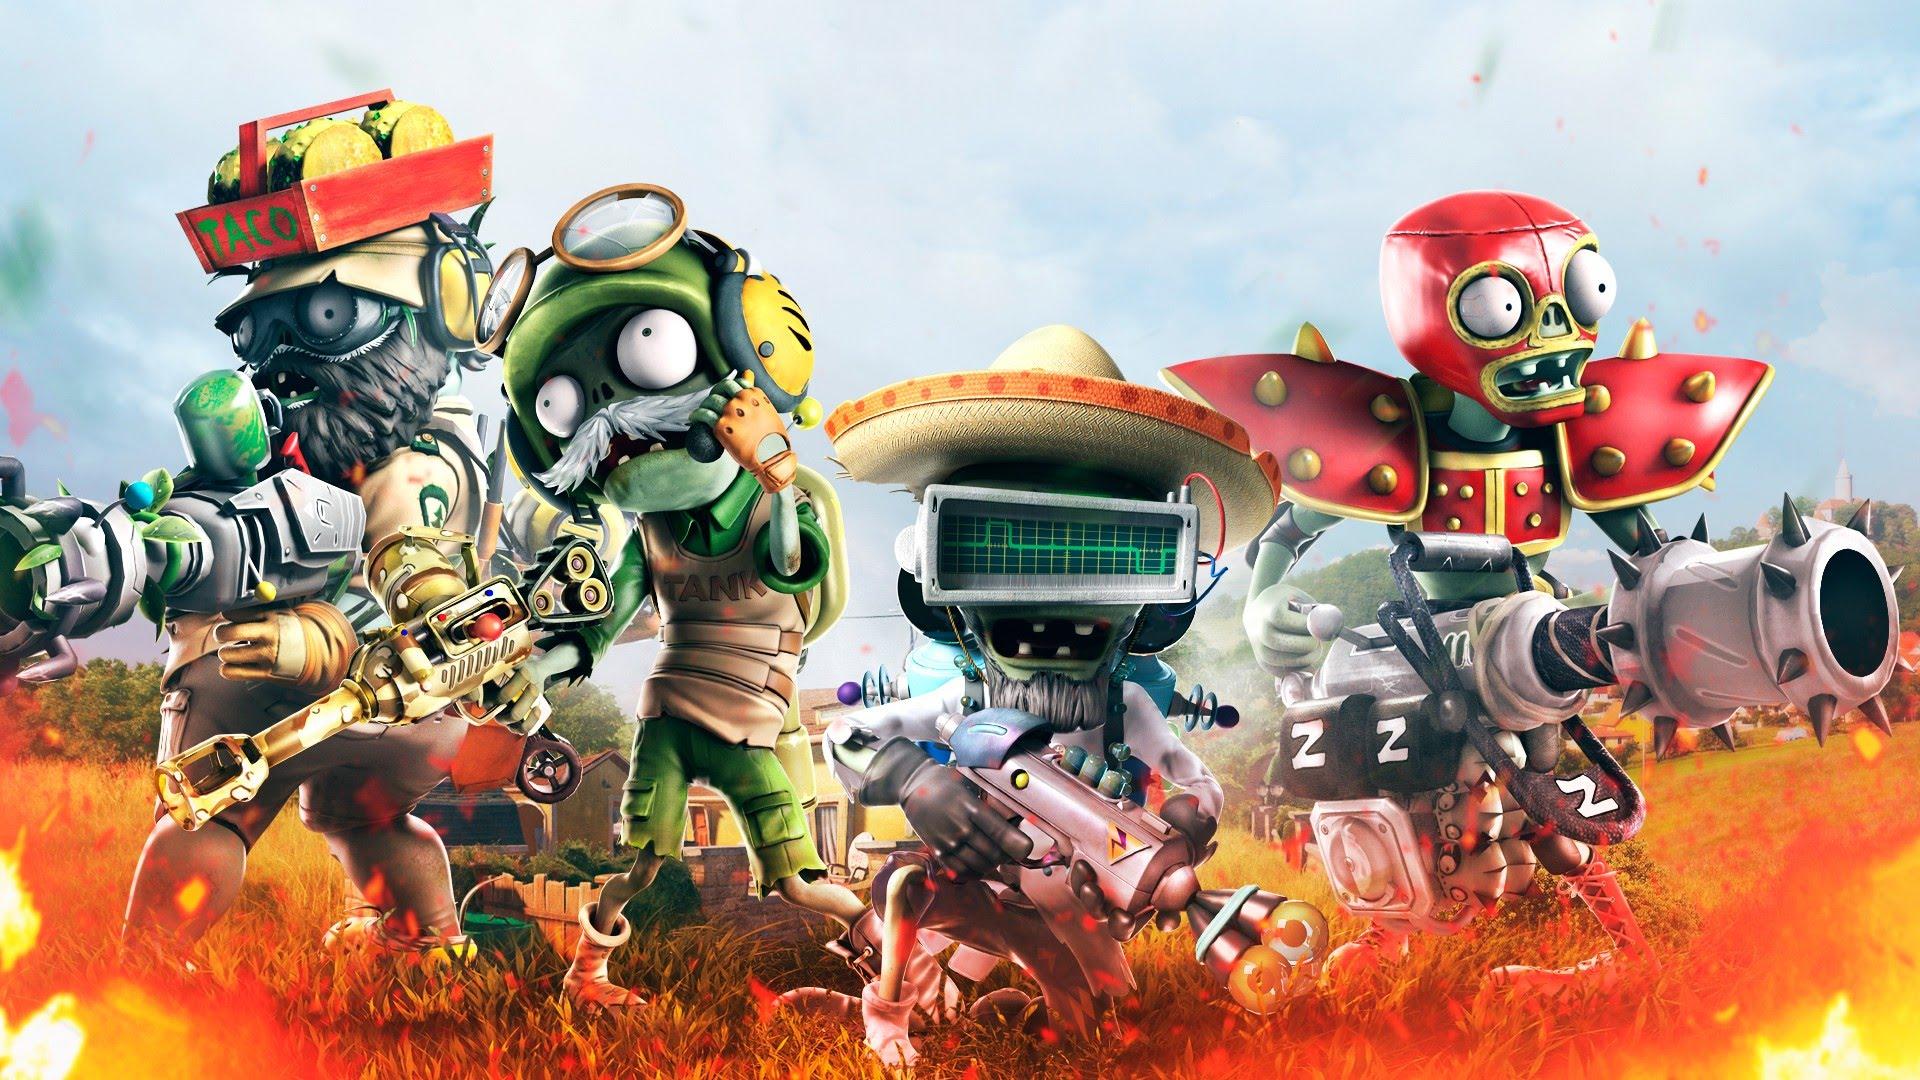 PvZ Garden Warfare Wallpaper